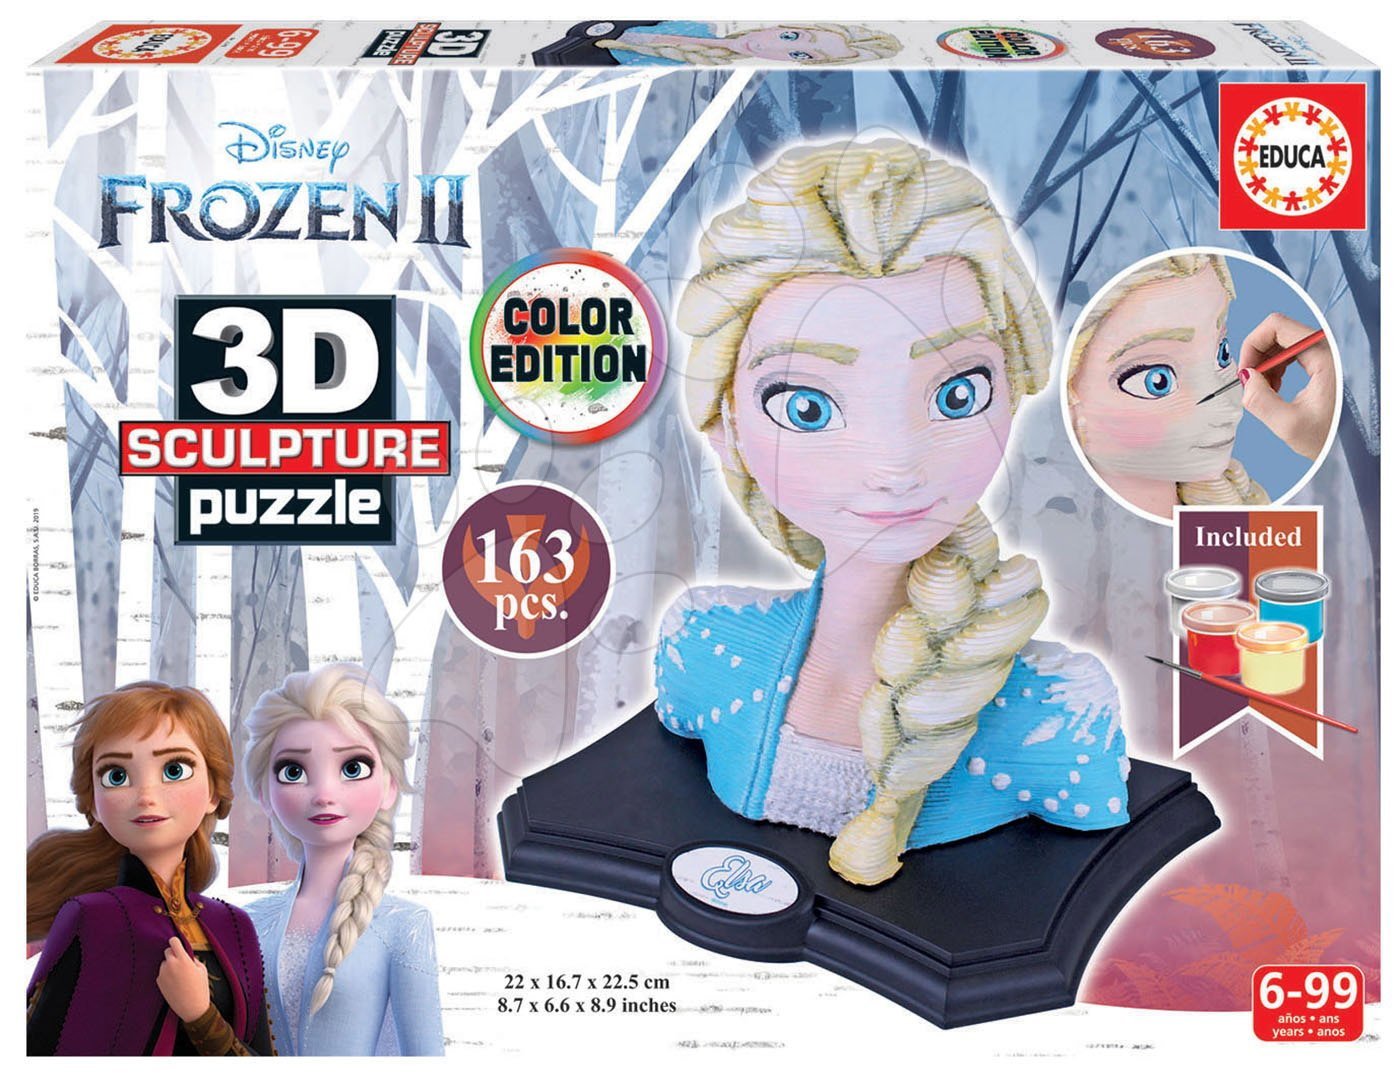 Sochařské puzzle 3D Sculpture – Frozen 2 Disney Color edition 163 dílků od 6 let